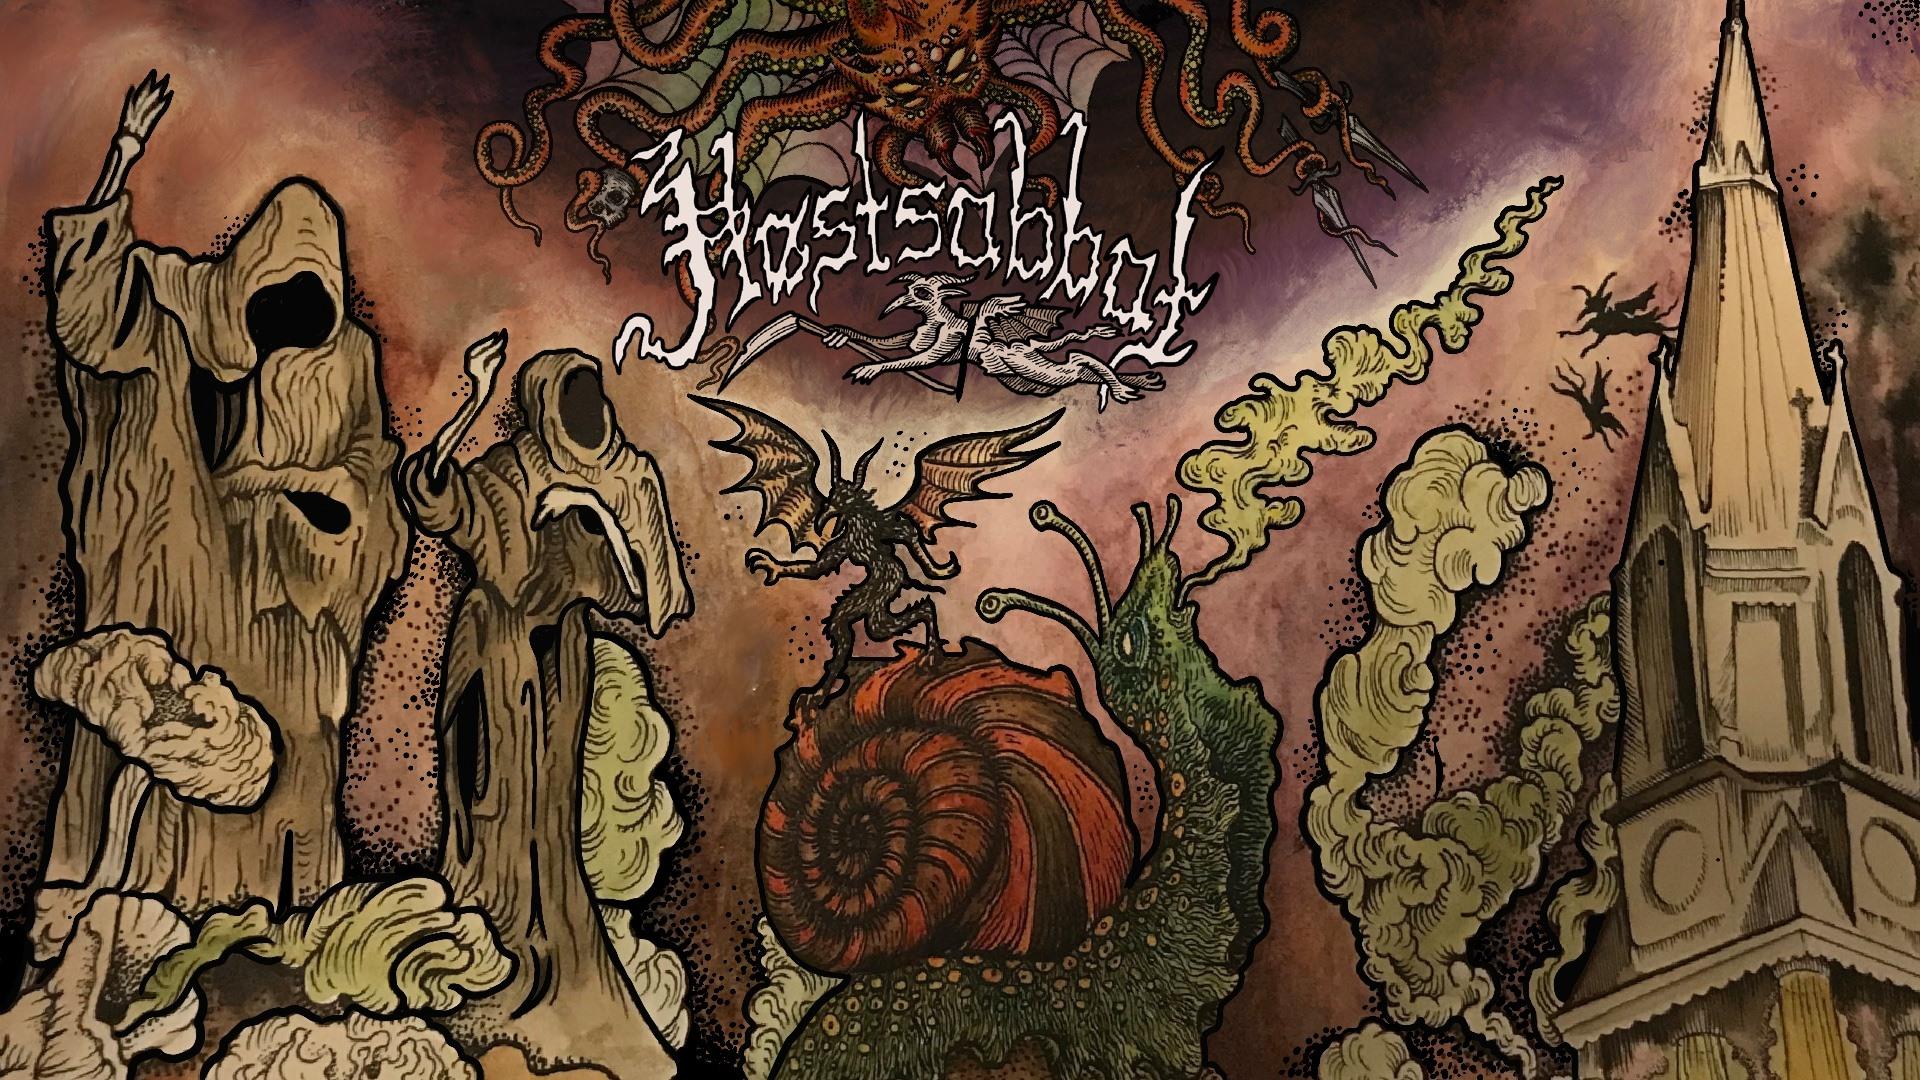 hostsabbat 2021 banner (Artwork by Trine Grimm and Linda K Røed)